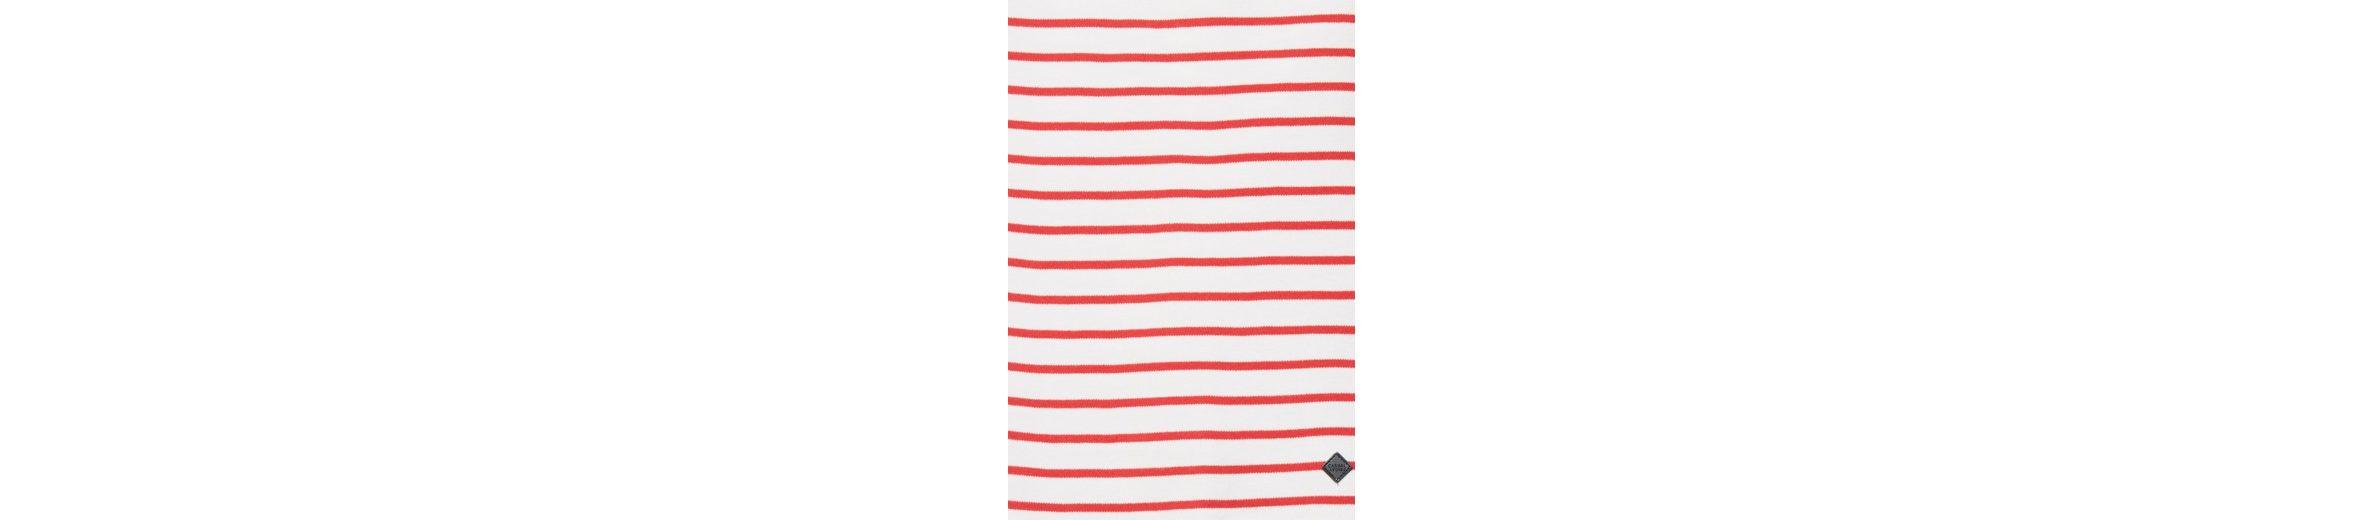 Casual Friday Sweatshirt Günstige Kaufladen Verkauf Ausgezeichnet Rabatt Großer Verkauf tPscEqHlP0